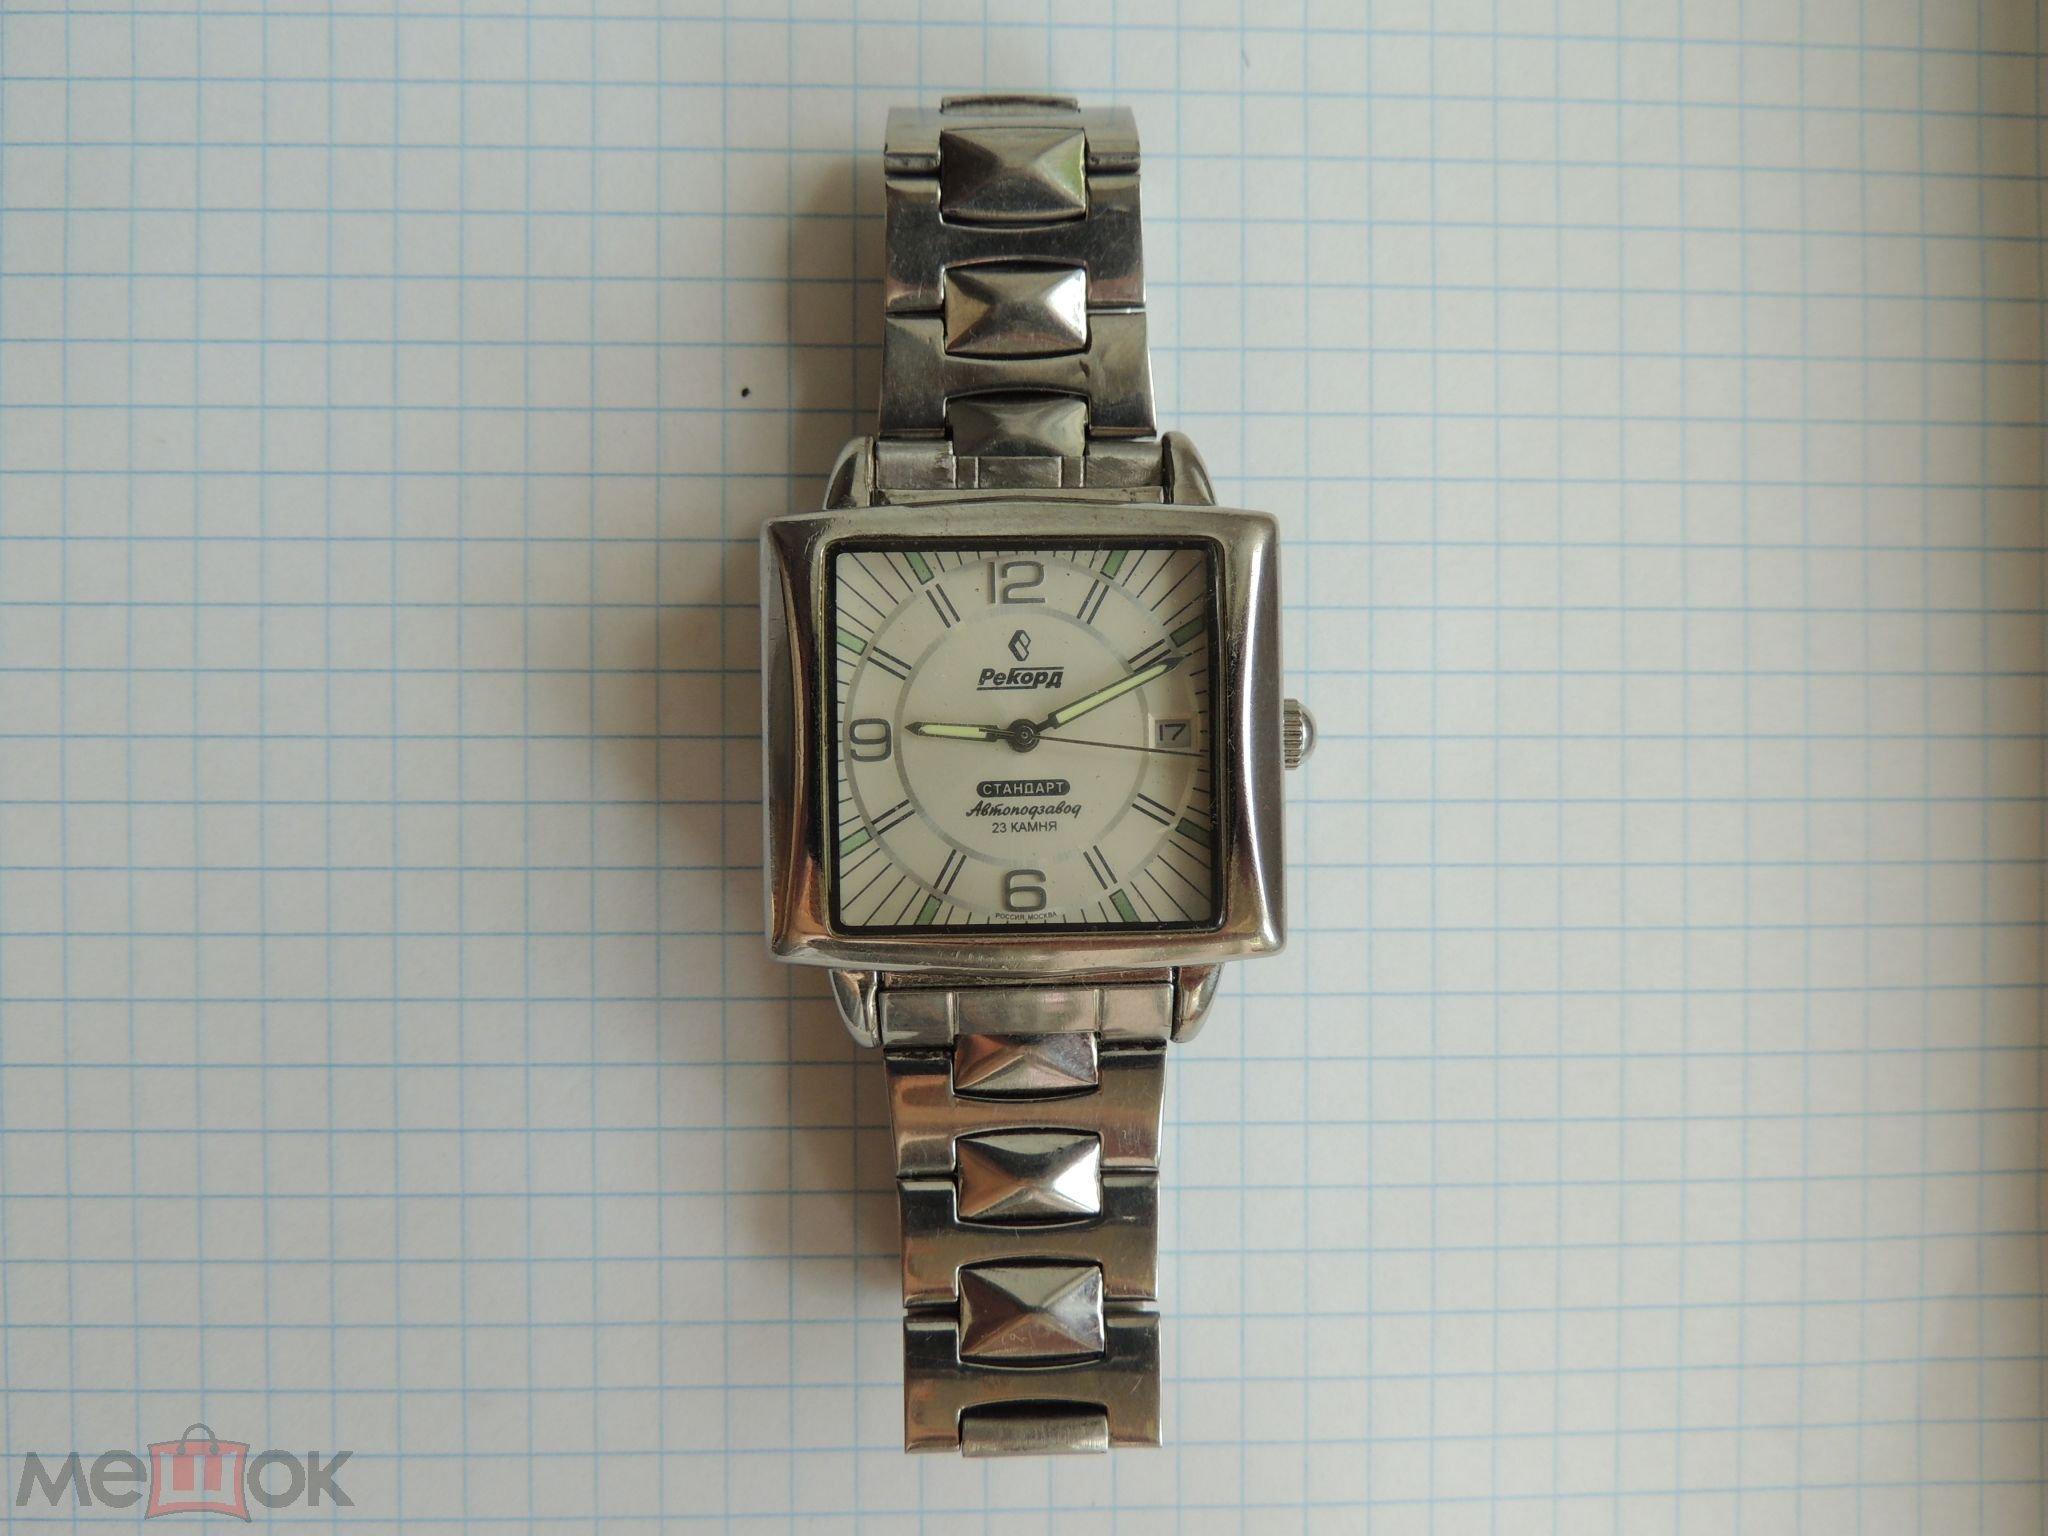 Часов автоподзавод стоимость камня рекорд 23 фольксваген стоимость нормо в екатеринбурге часа